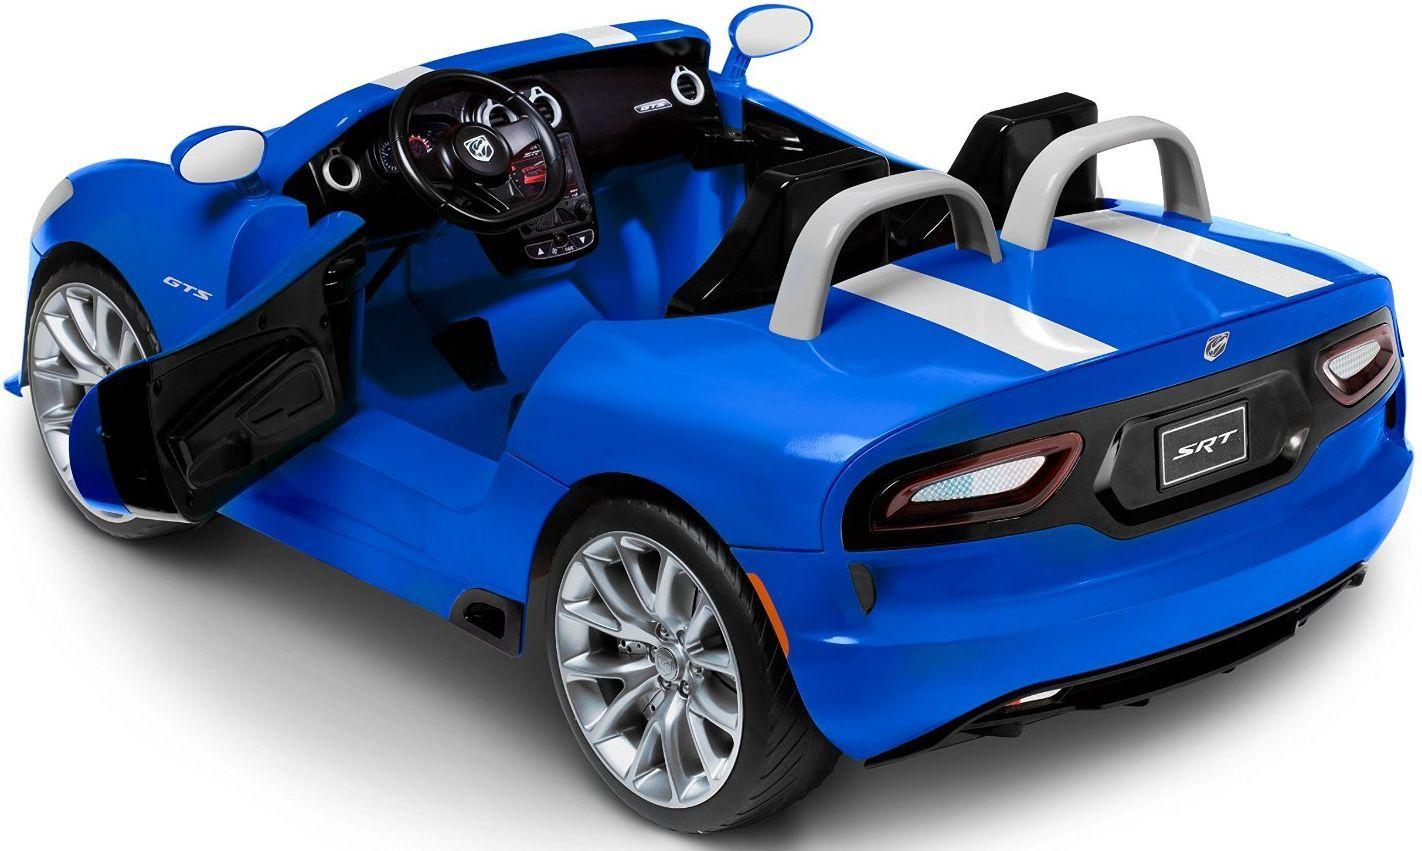 سيارة Dodge Viper الصغيرة تصنف من بين أفضل سيارات الصغيرة الخاصة بالأطفال الصغار اكتشف معنا أهم ما يميز هذه السيارة عن باقي سيارا Dodge Viper Ride On Toys Srt